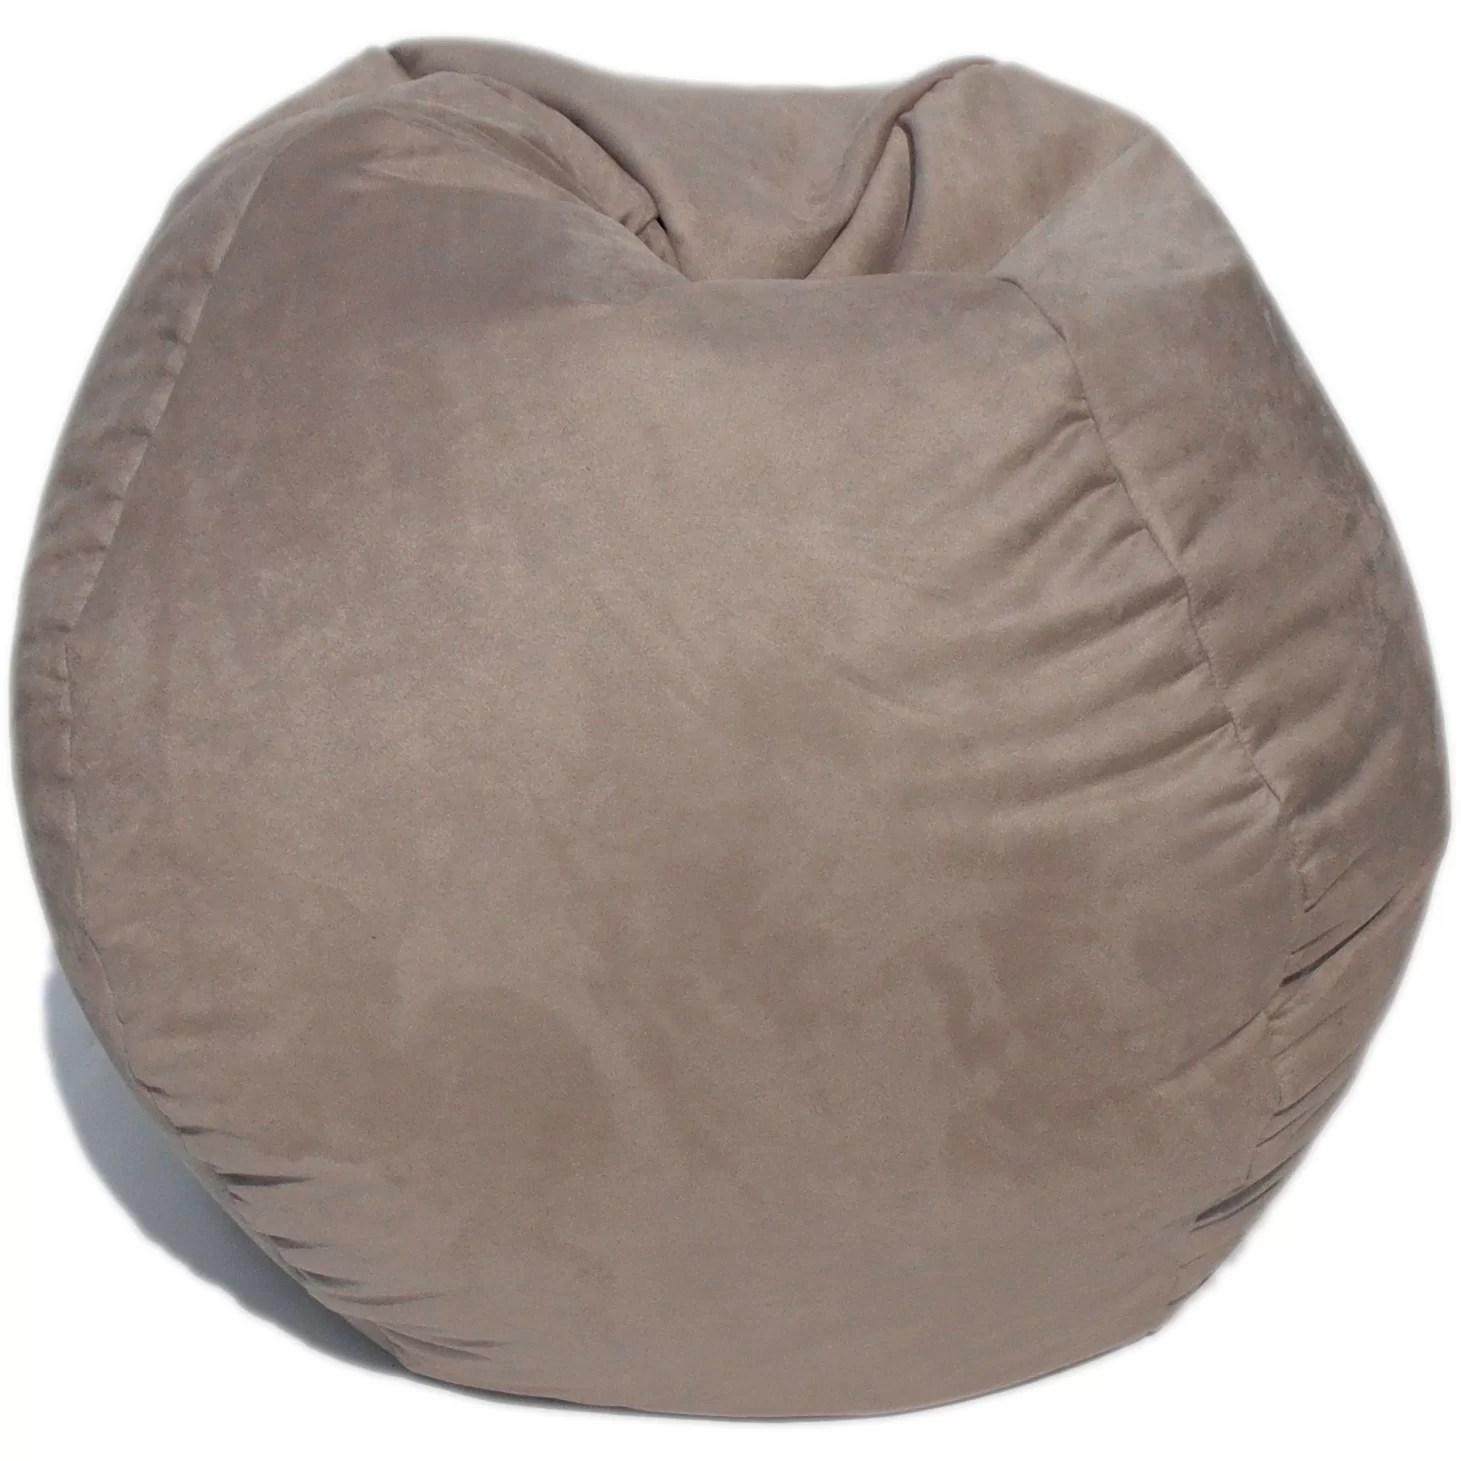 bean bag chairs for boys aeron chair repair manual and reviews wayfair